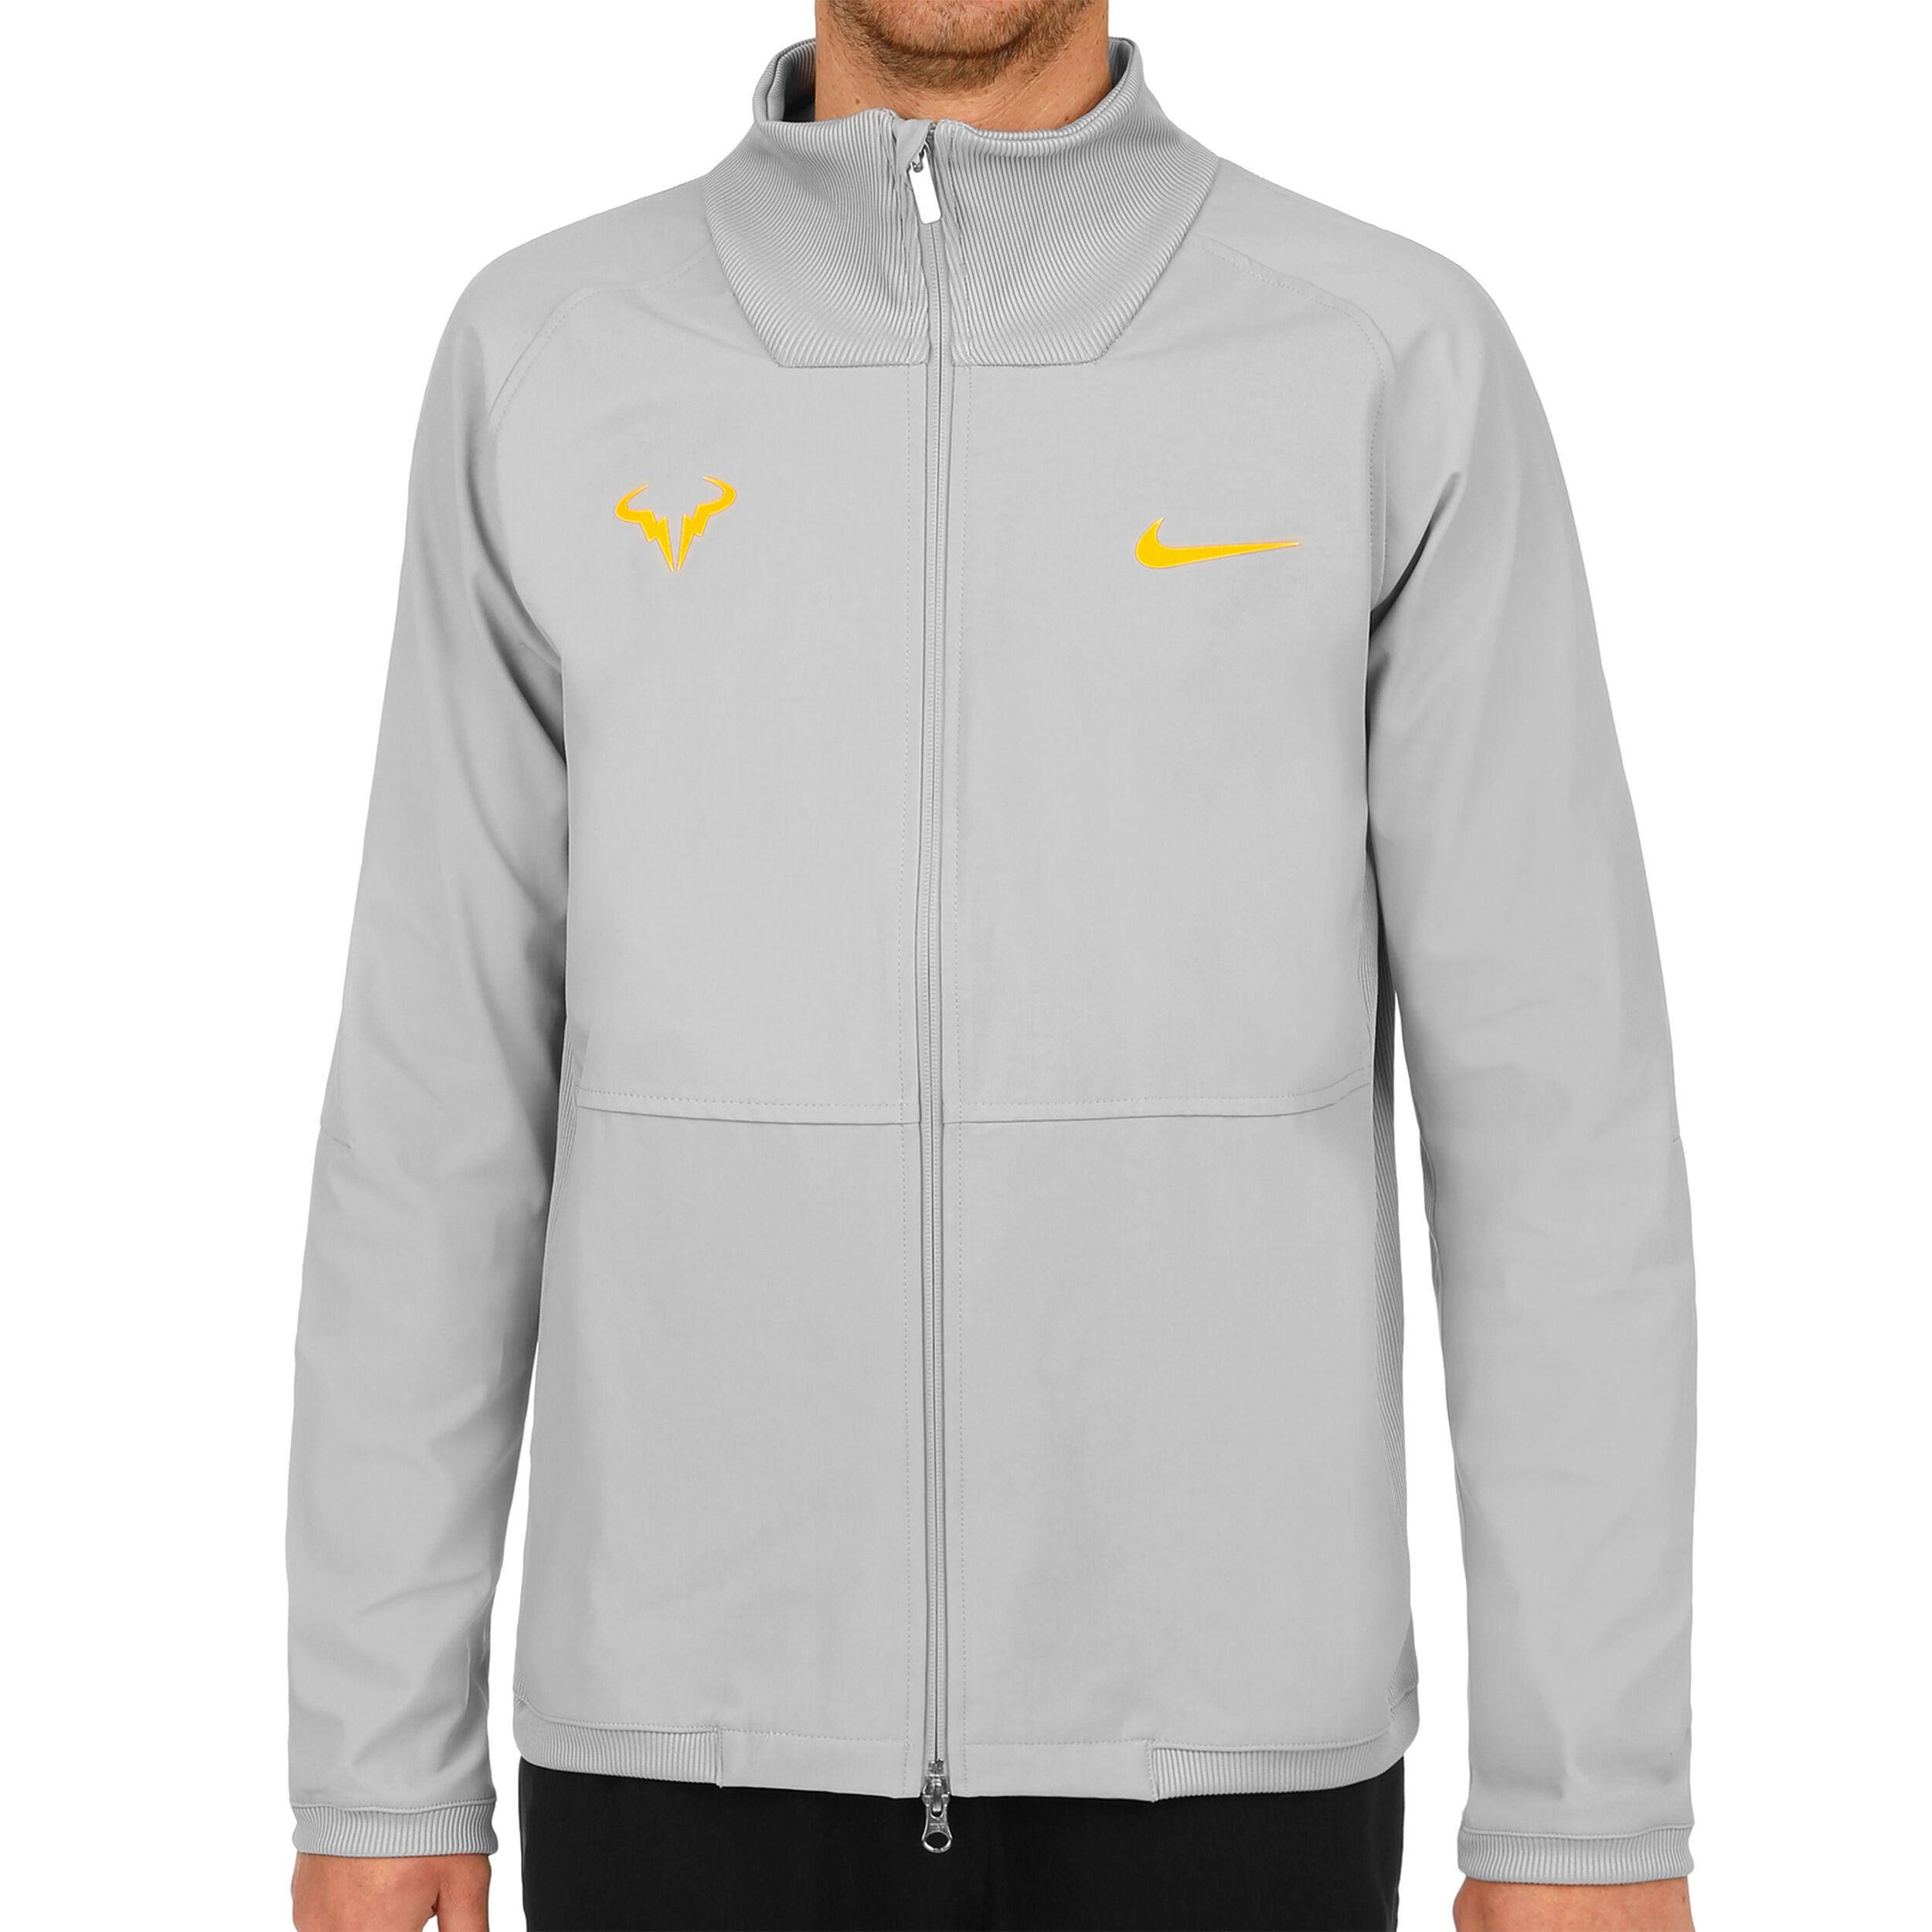 Nike Rafael Nadal Court Veste De Survêtement Hommes Gris